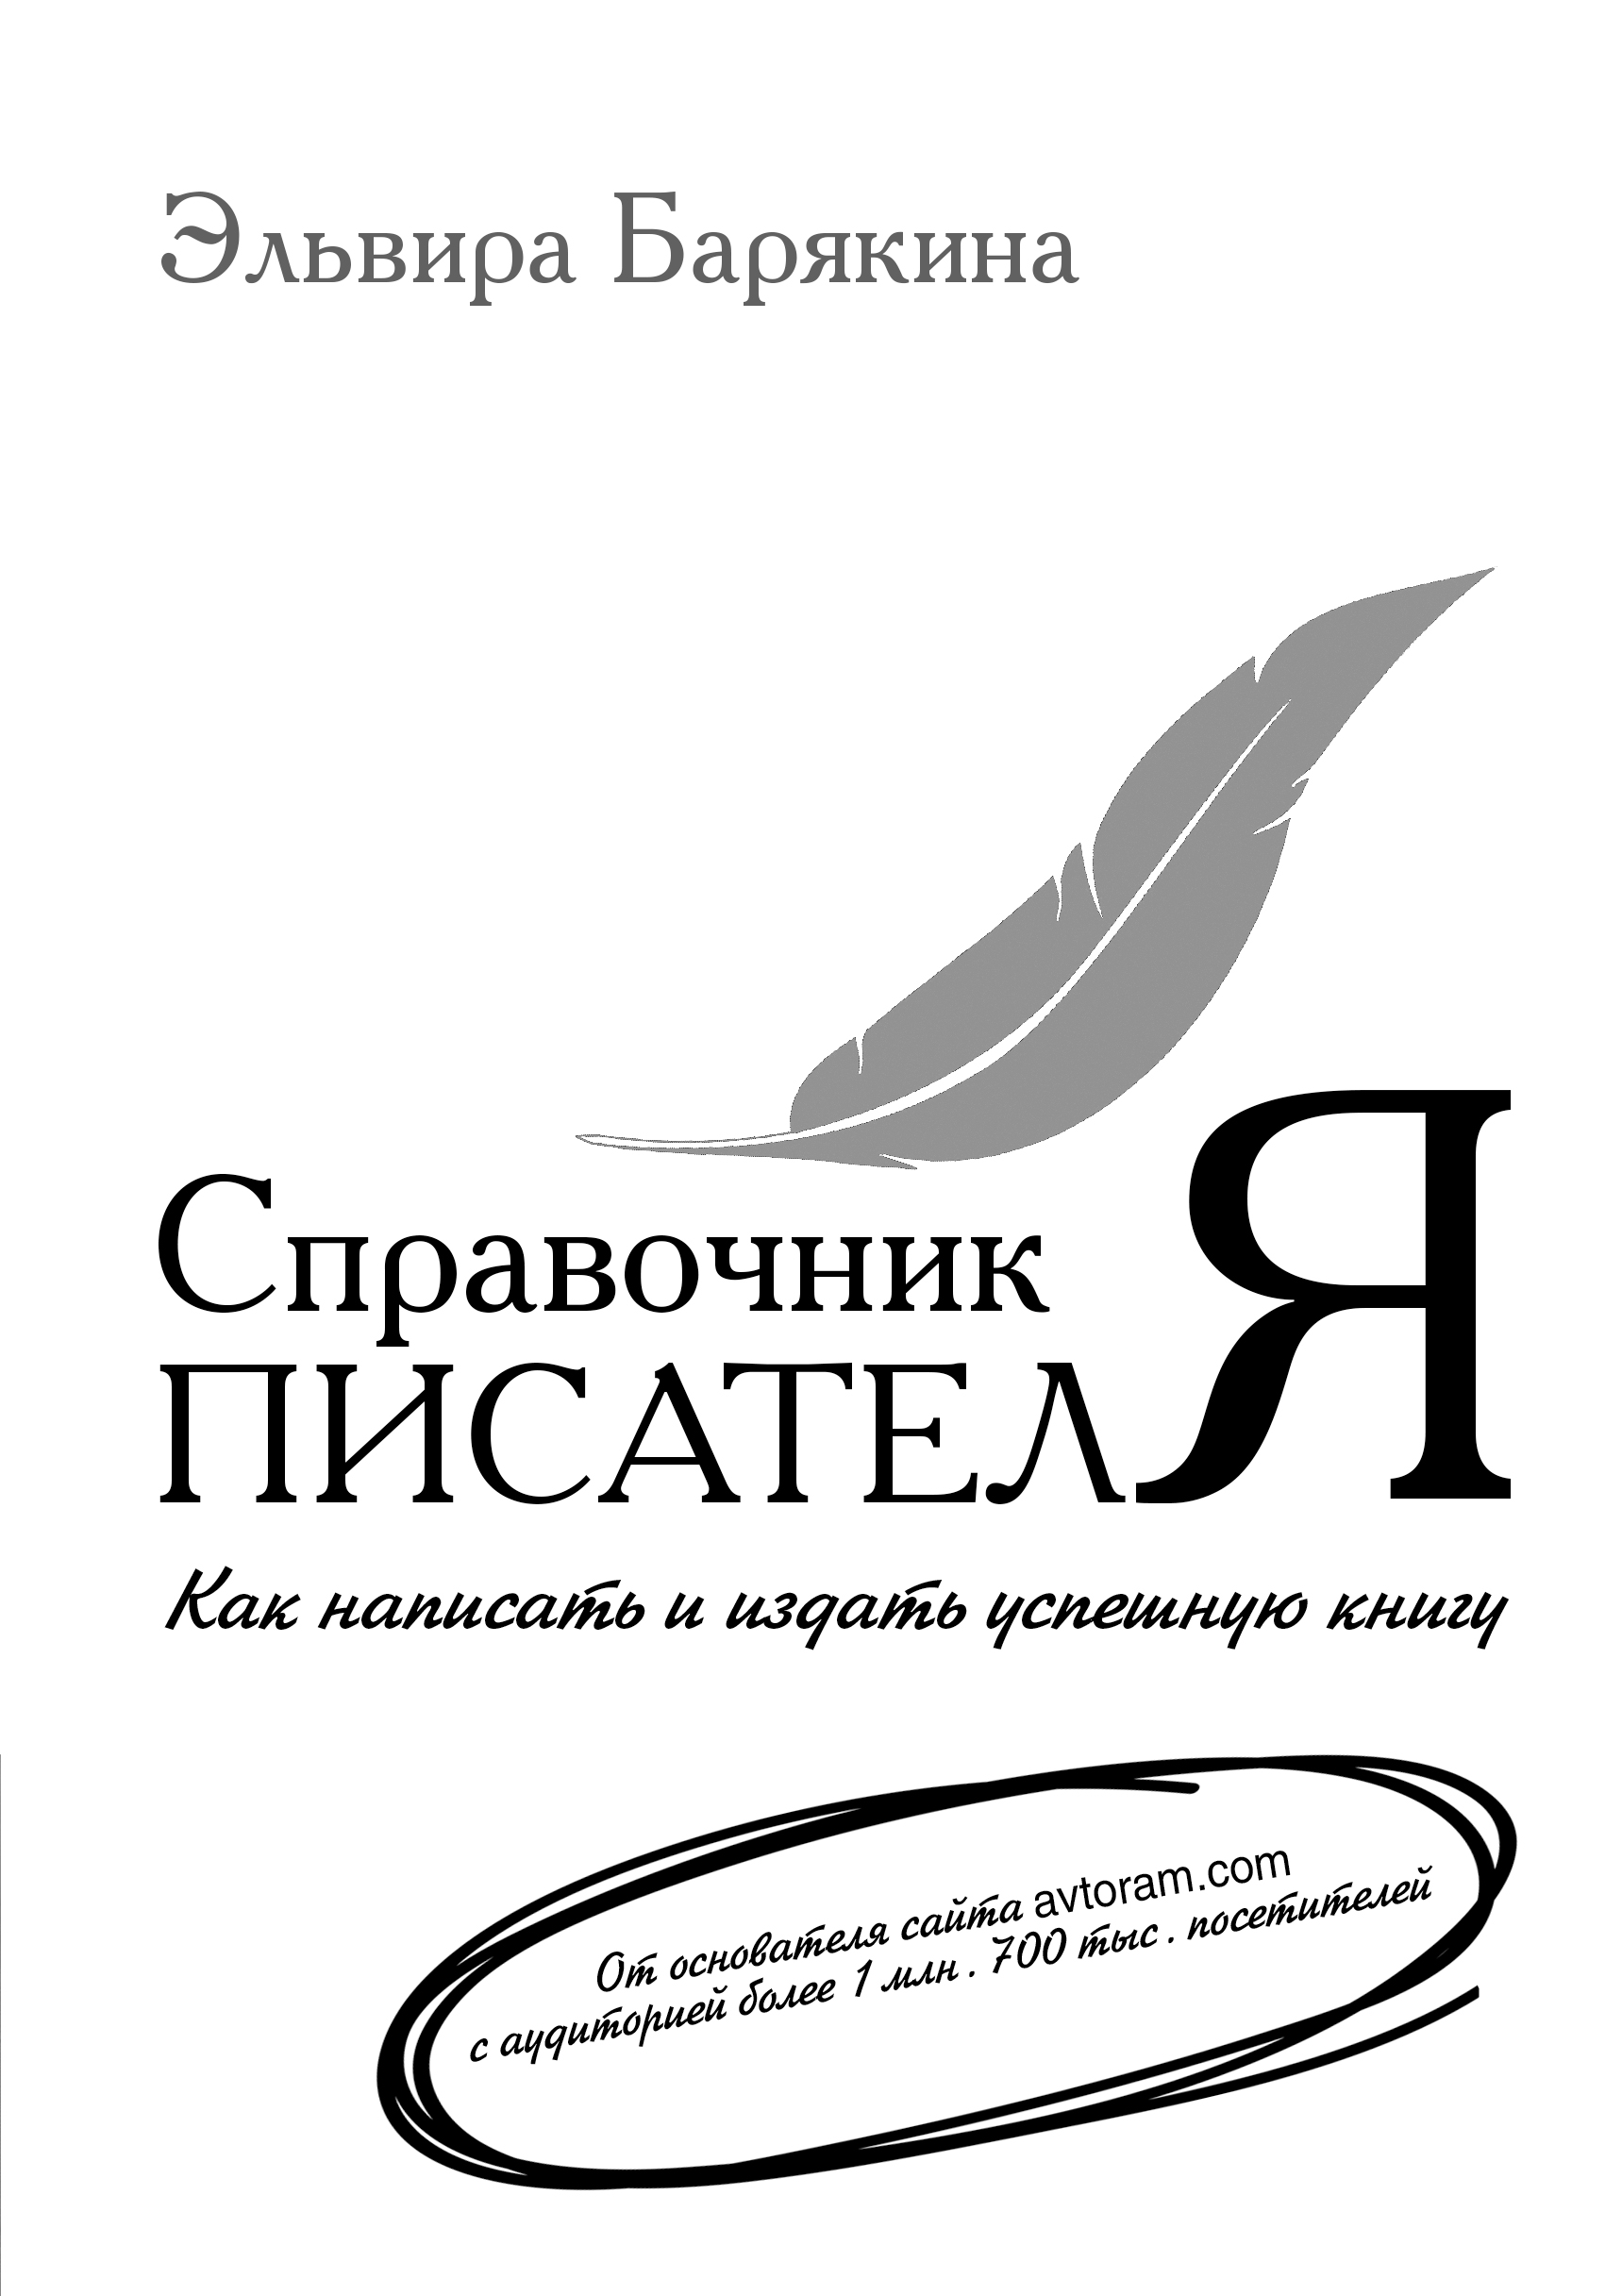 Эльвира Барякина Справочник писателя барякина э справочник писателя